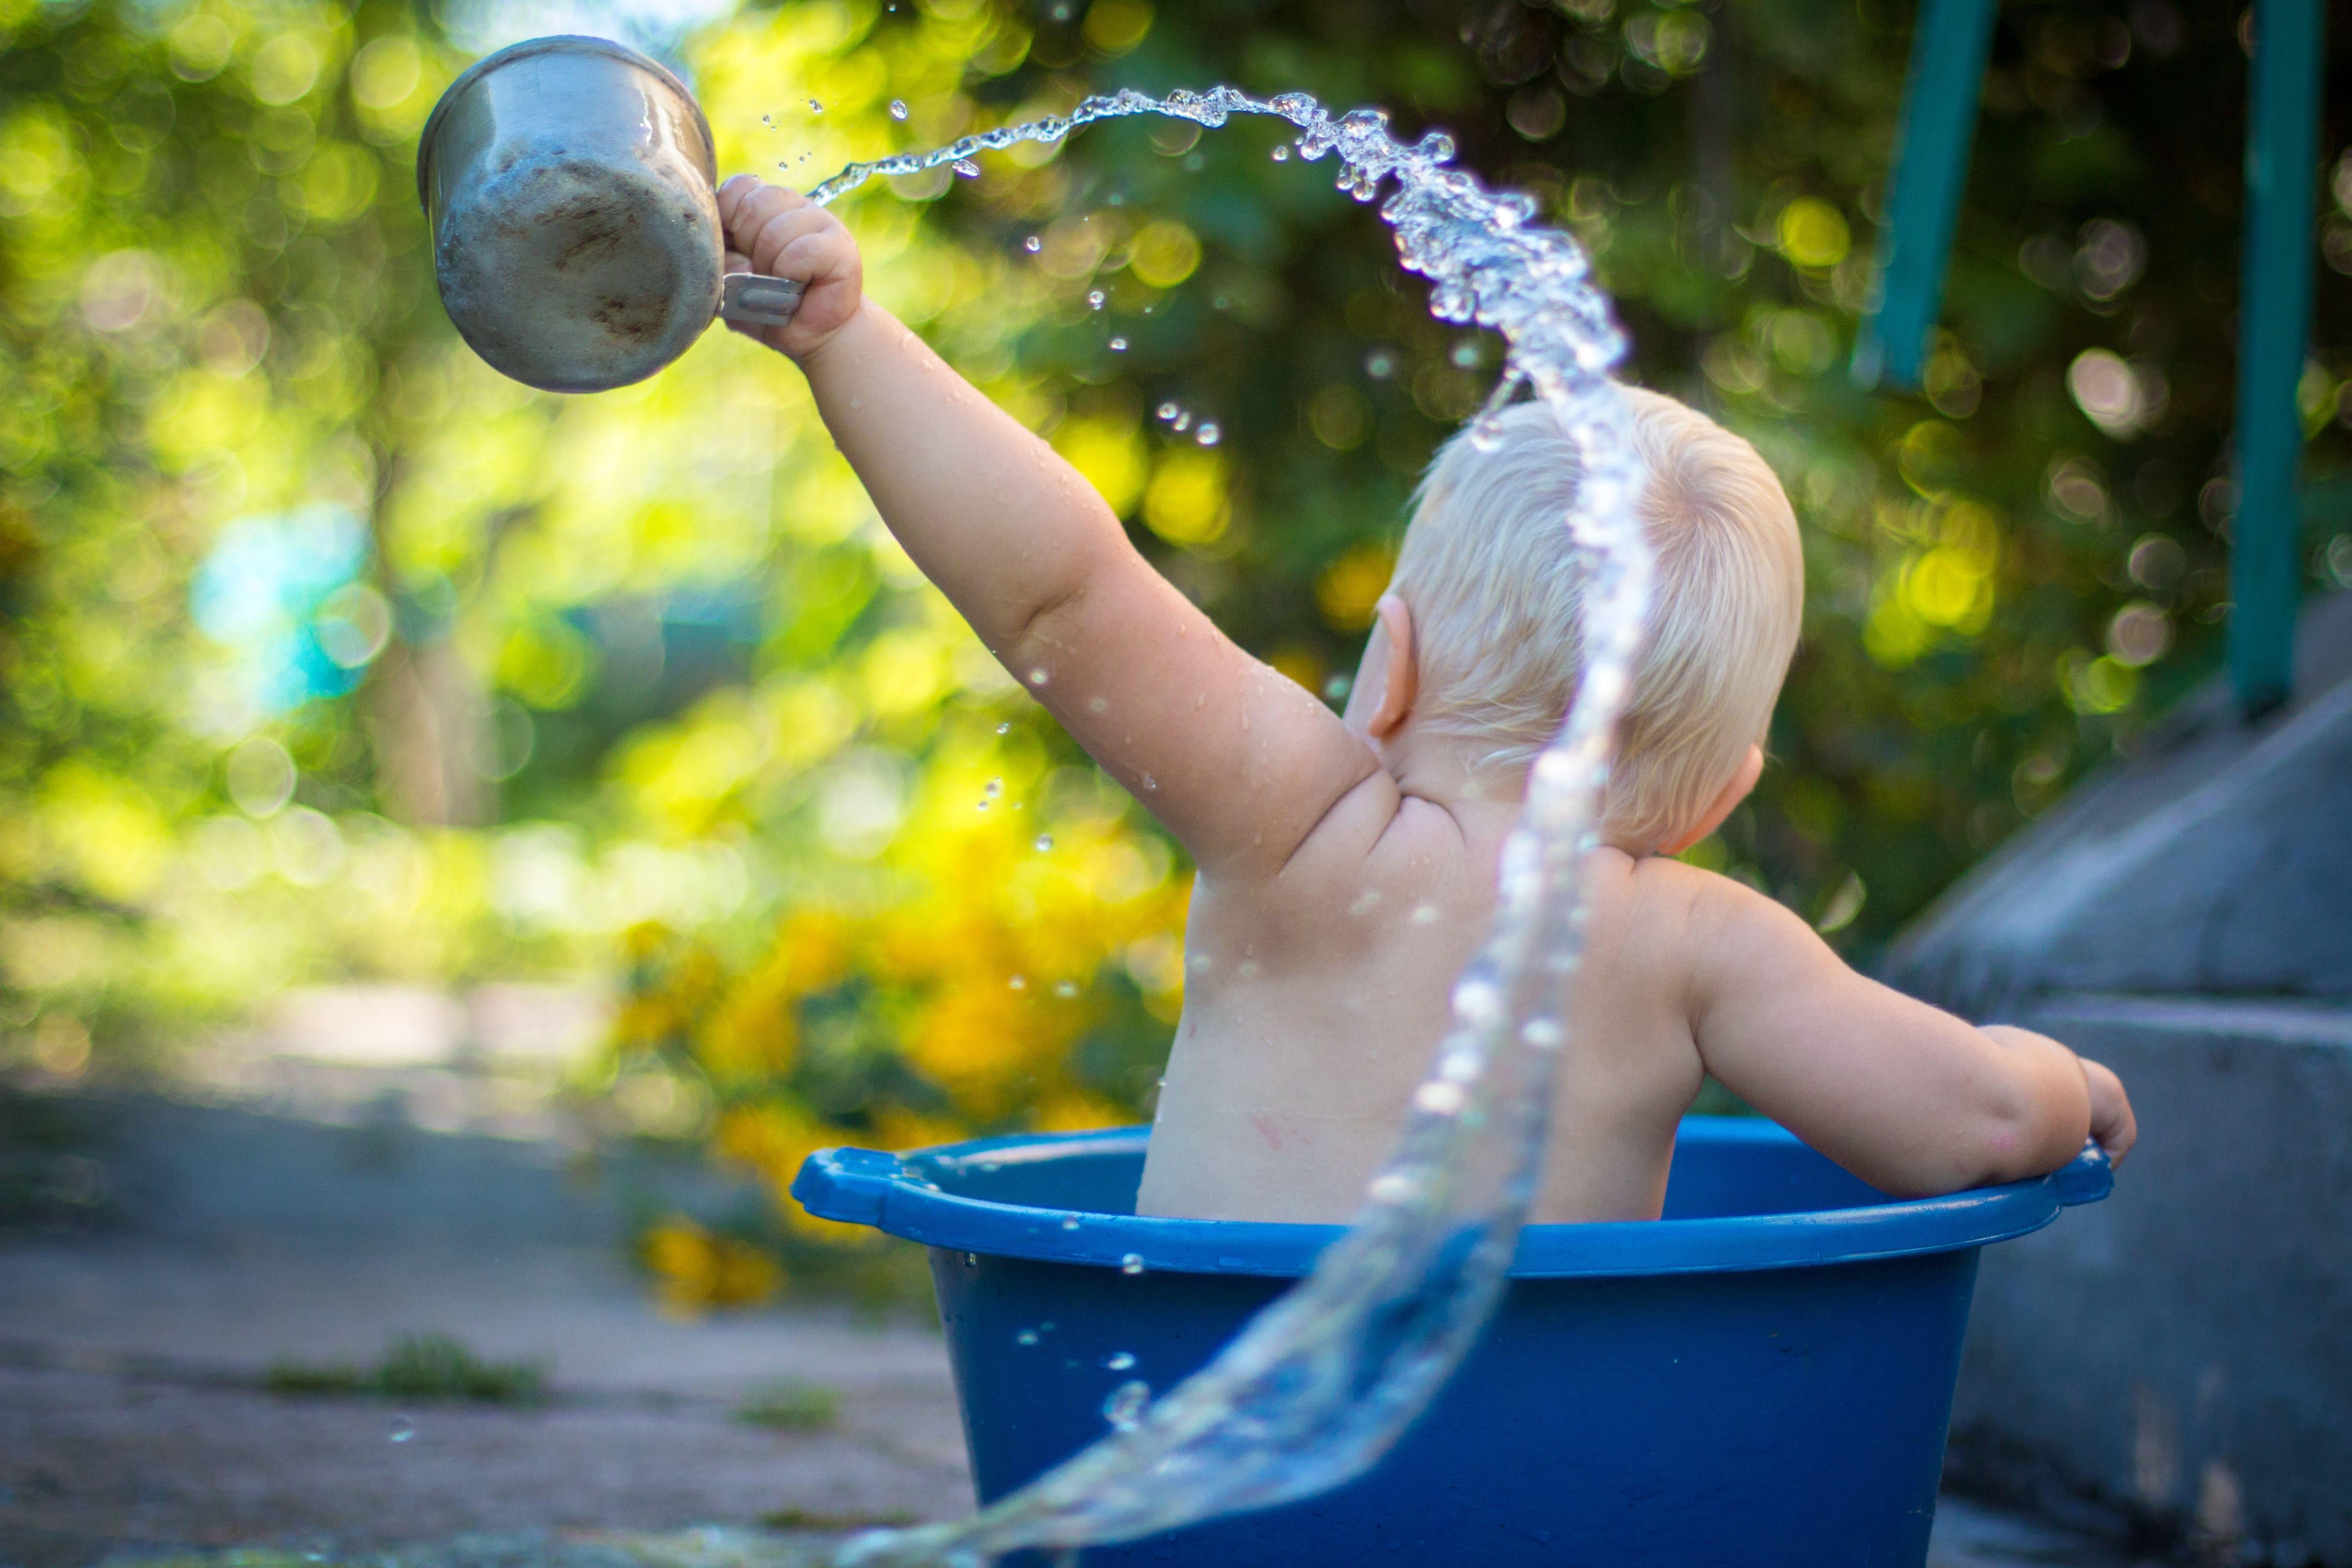 Laissez votre enfant se laver tout seul